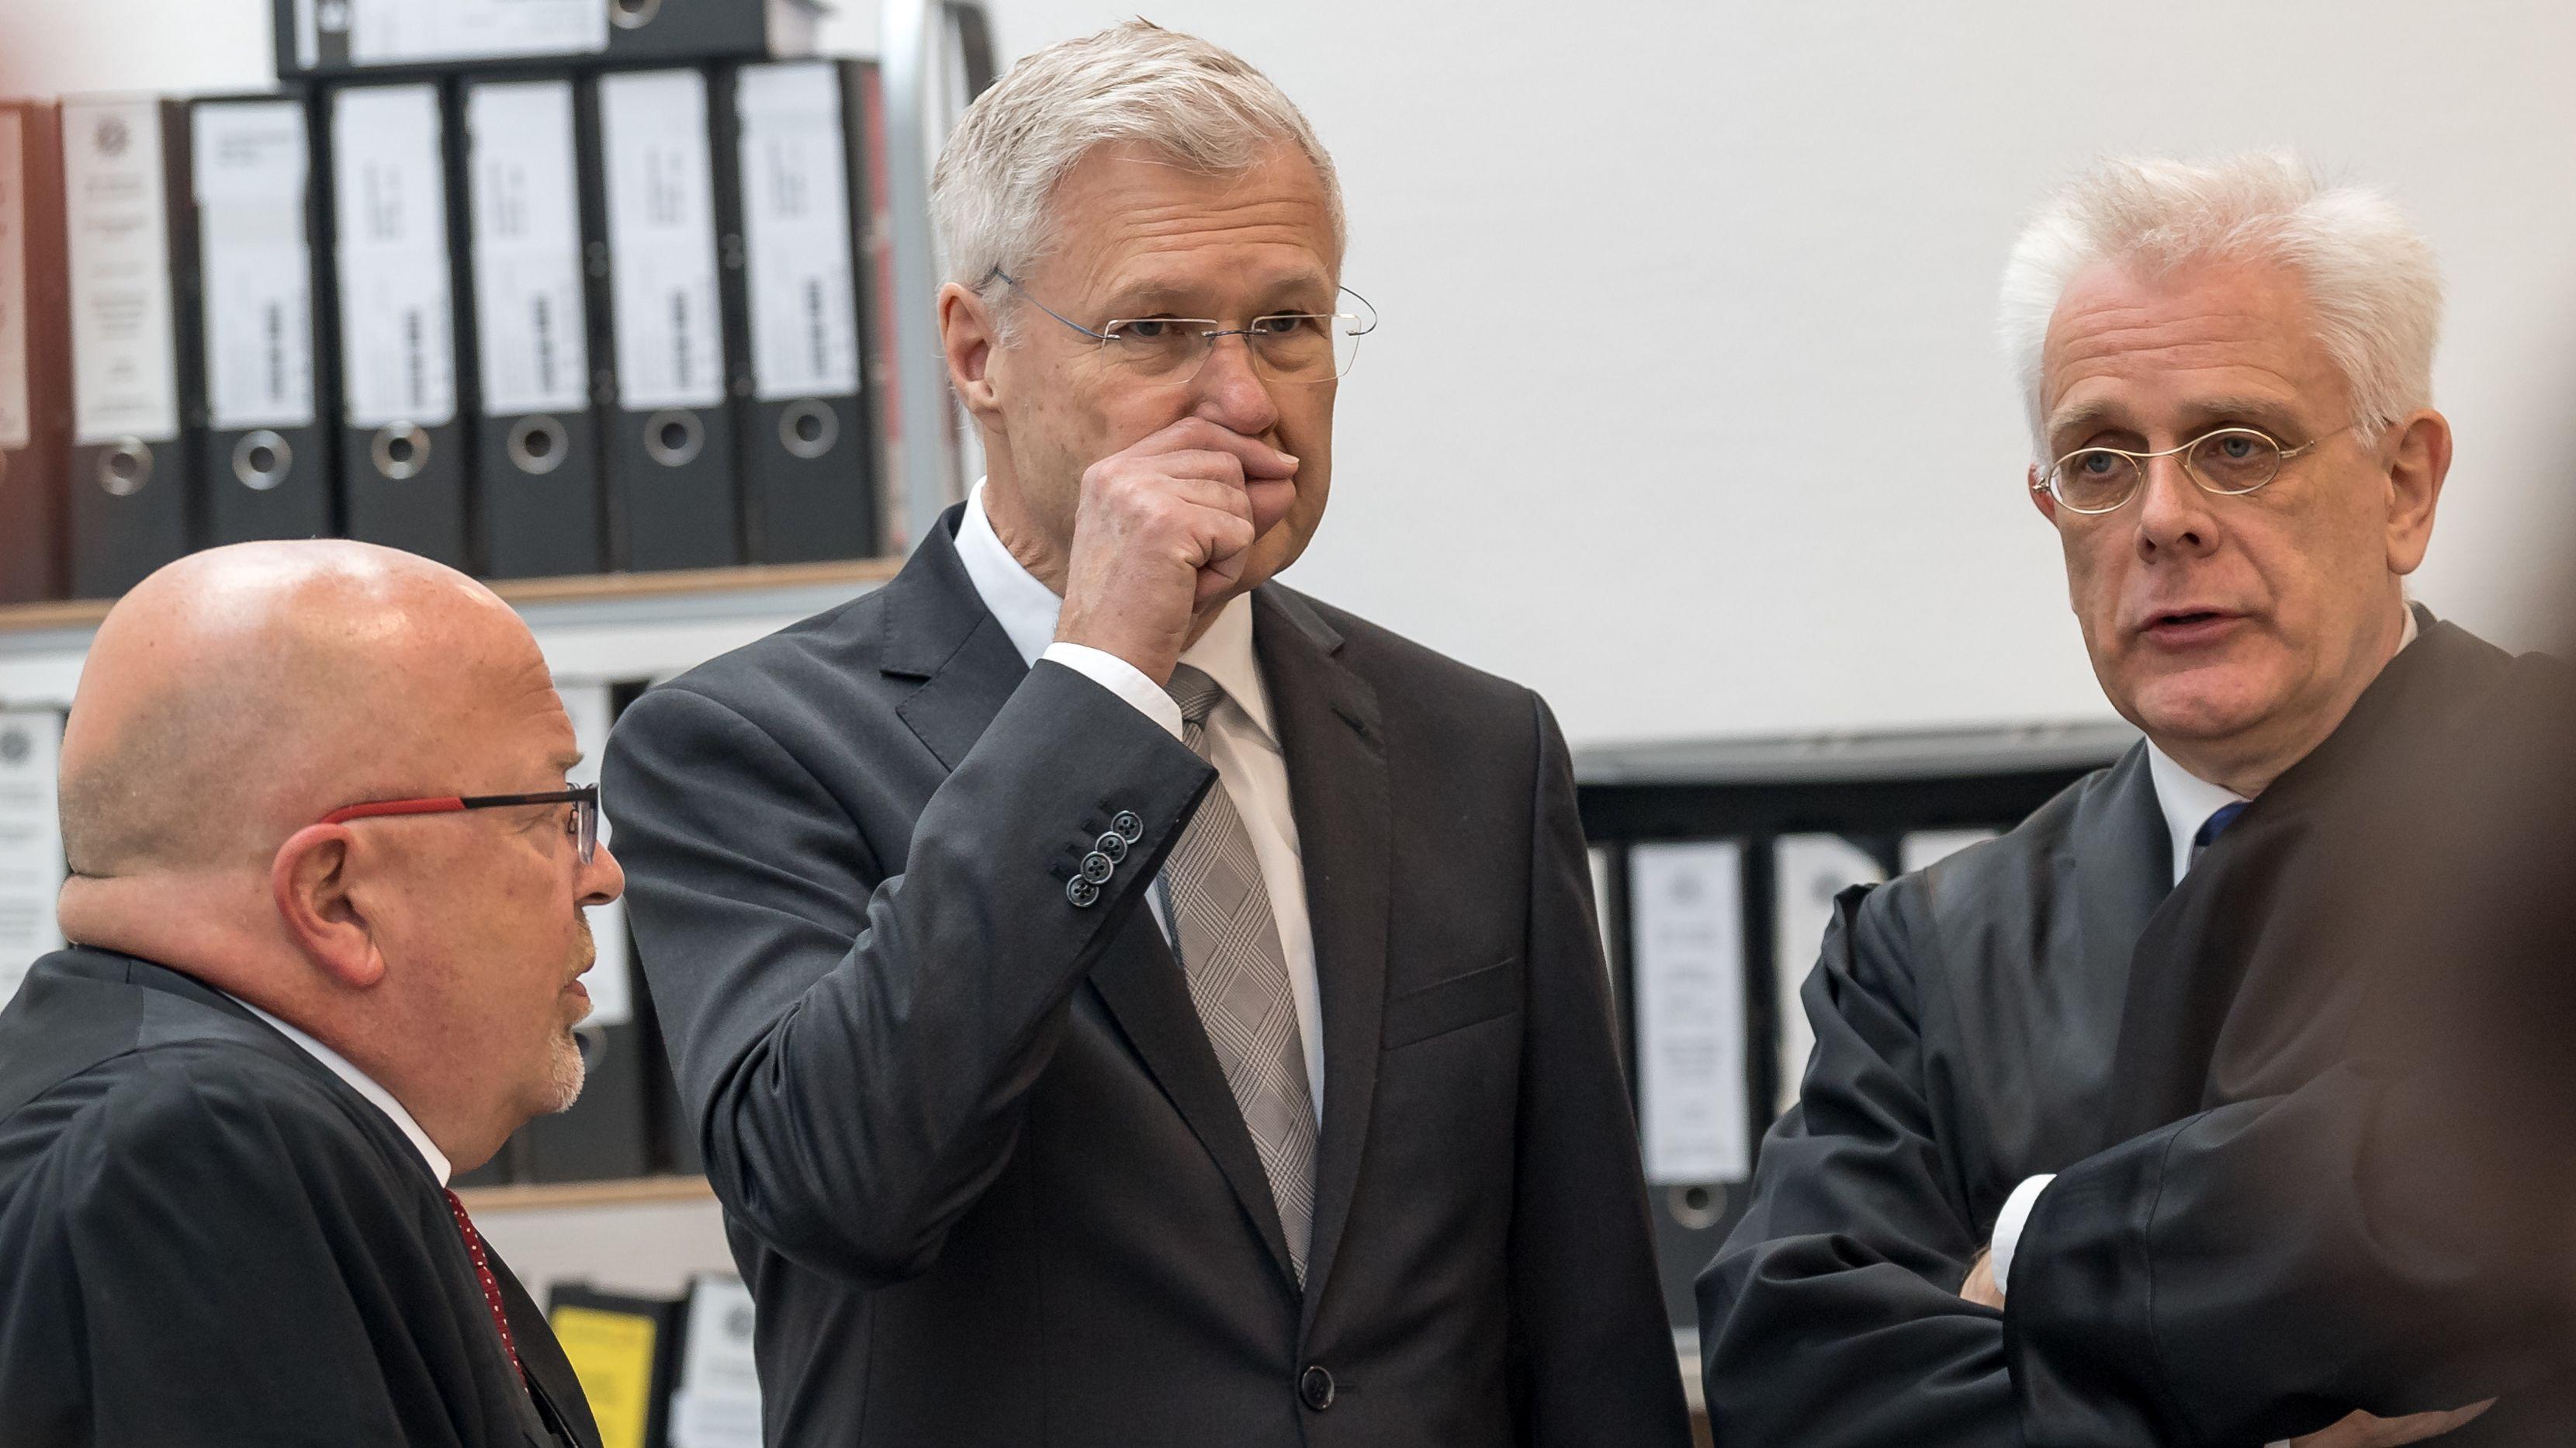 Alfred Lehmann (M) mit seinen Anwälten Jörg Gragert (l) und Andreas Mariassy (r) im Gerichtssaal